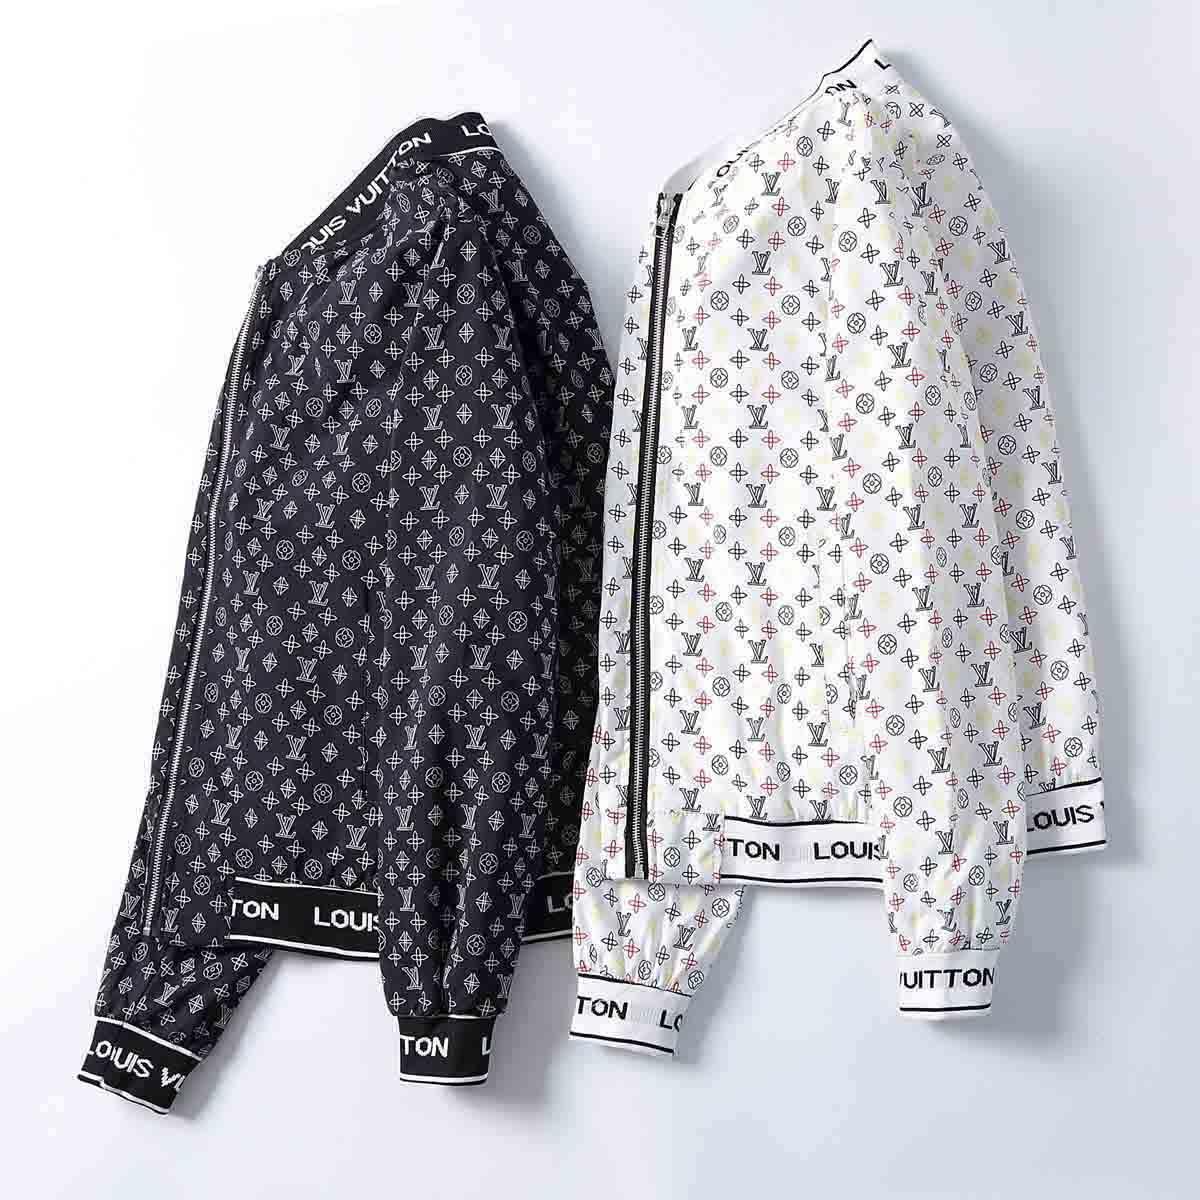 Avrupa İstasyonu Moda Ceket Paris Moda Trend Erkek Tasarım Medusa Ceket Sıcak Satış Baskılı Ceket Erkekler Hırka Zip